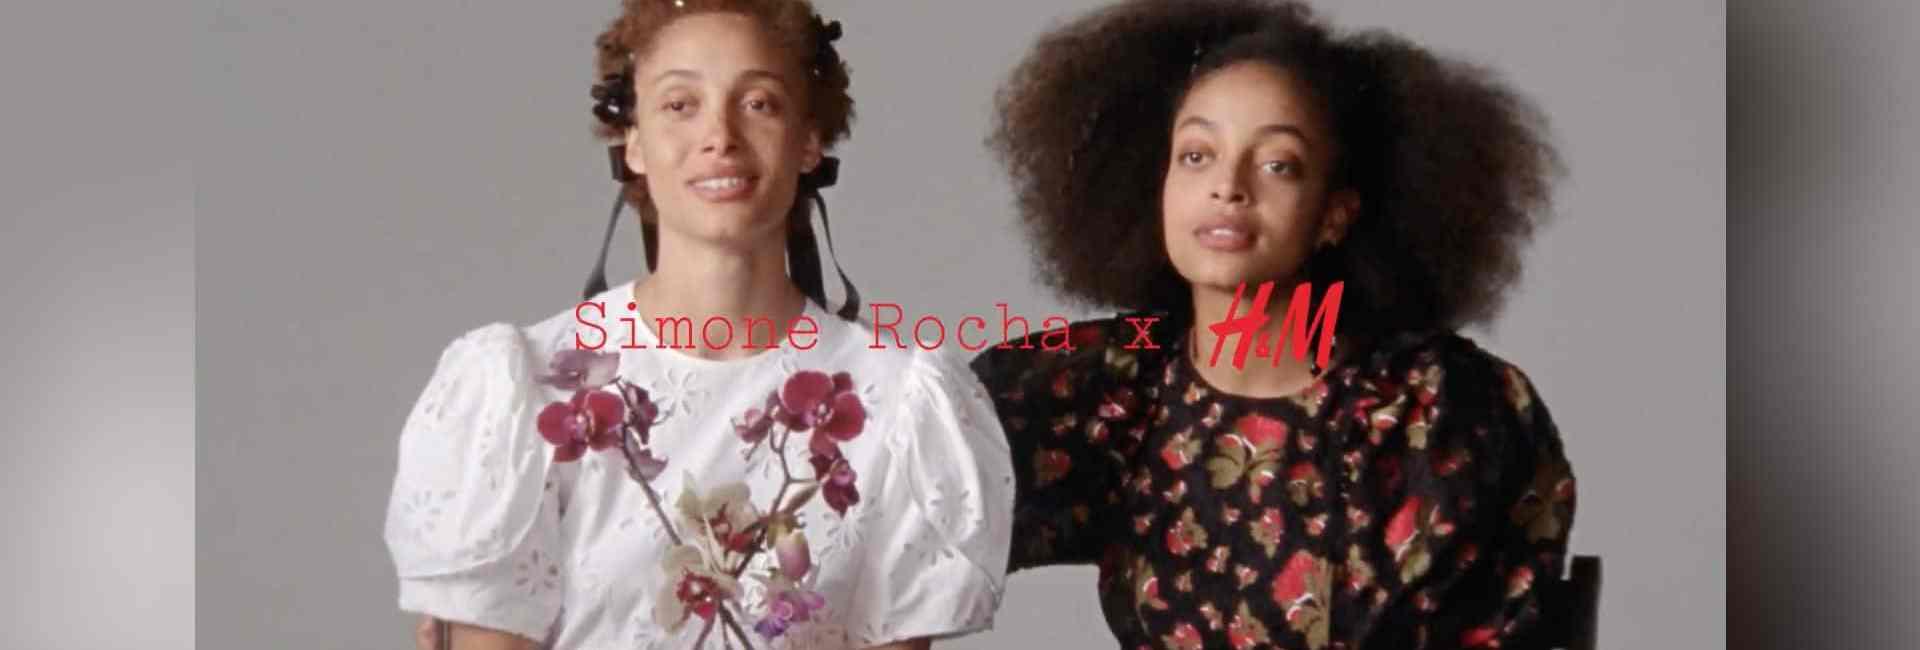 hm-simone-rocha-collaboration